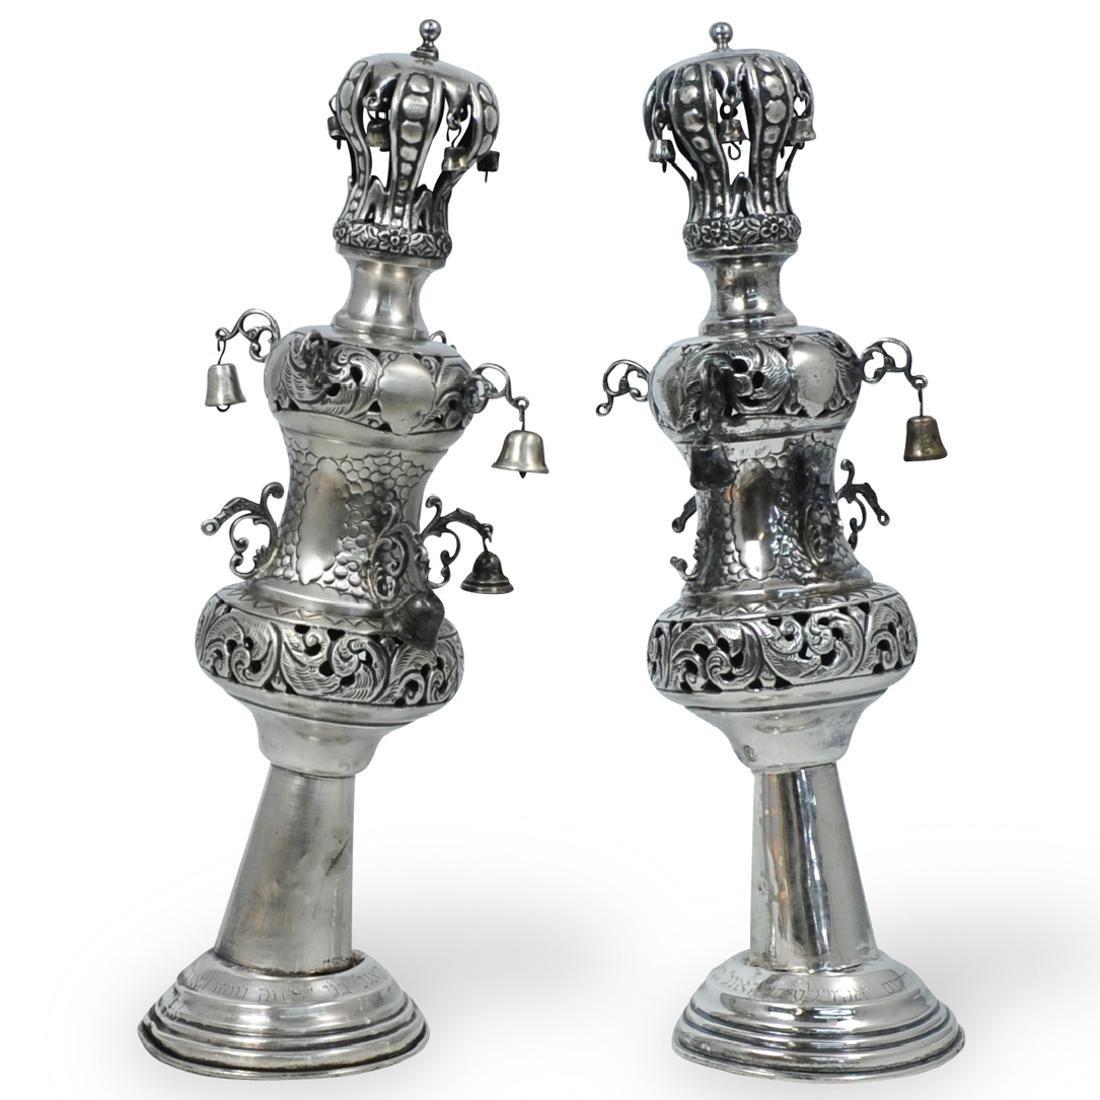 Pair of Judaic Sterling Silver Torah Crowns